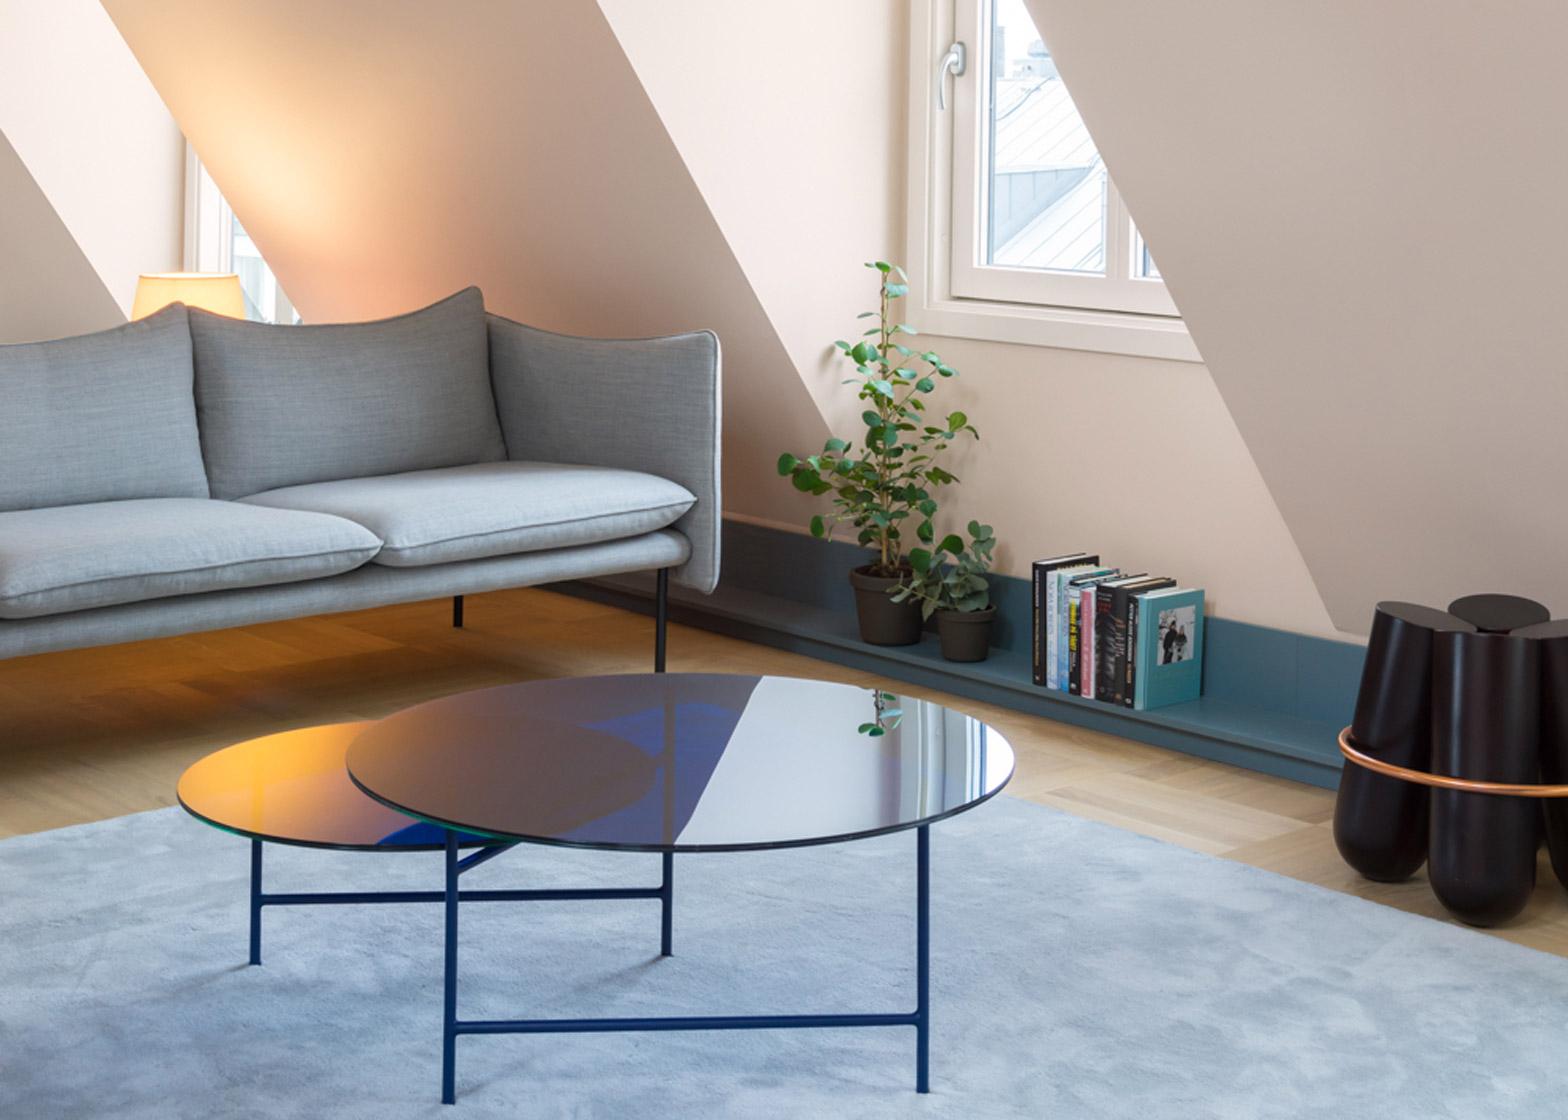 Casa a stoccolma con tonalit beige blu e grigio by note - Casa a colori ...